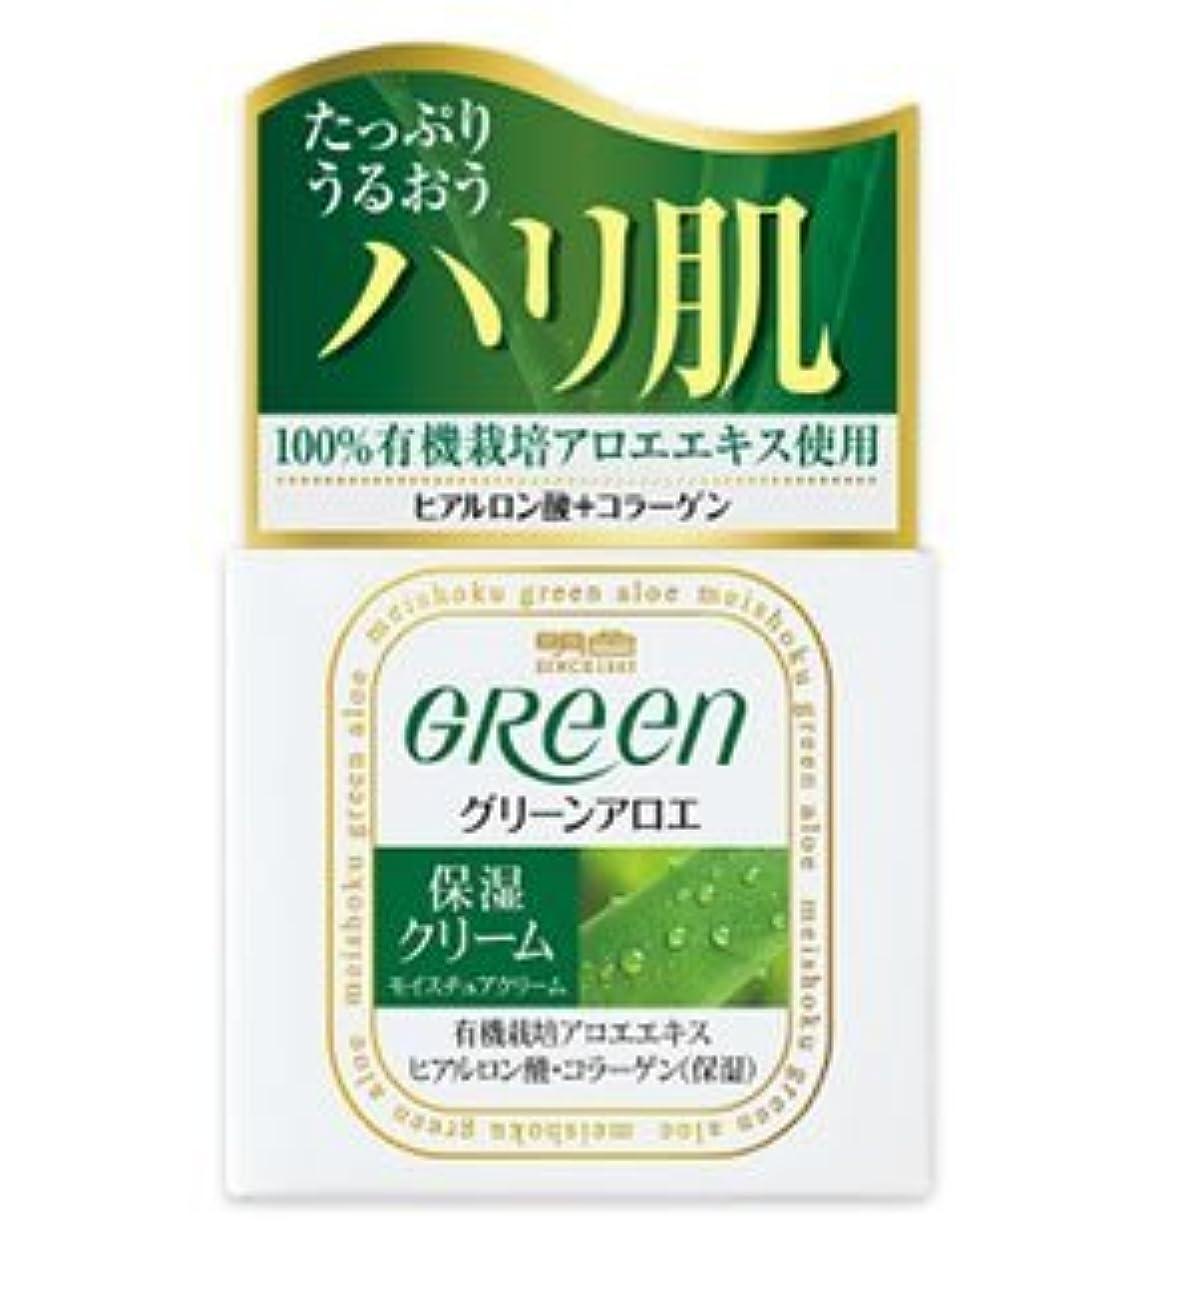 推定する要旨自発的(明色)グリーン モイスチュアクリーム 48g